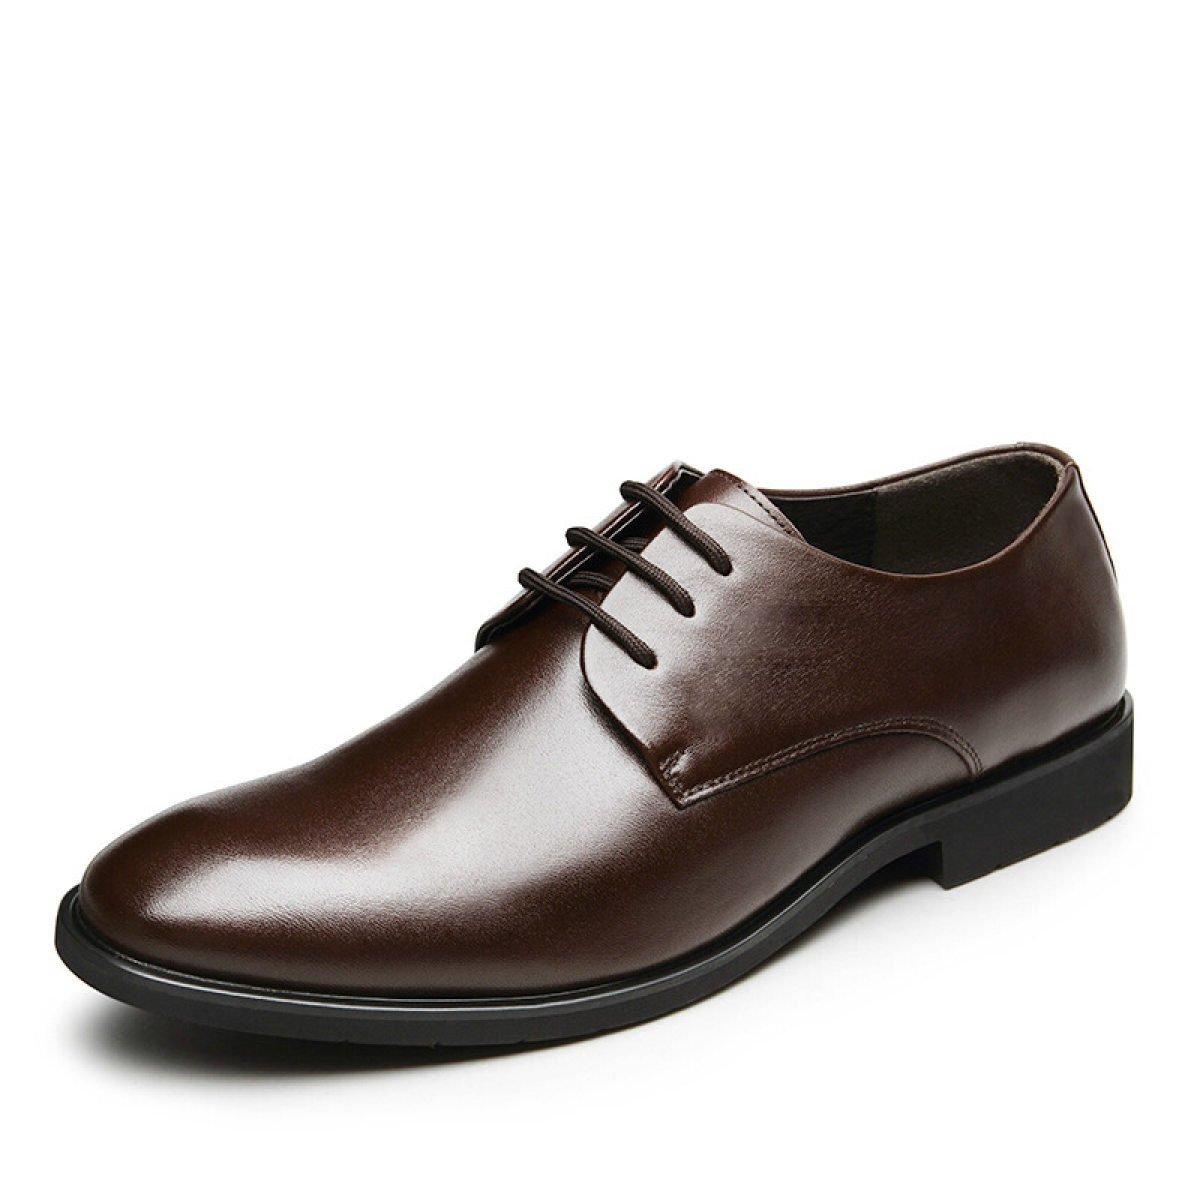 Hombres Capped Negro Cuero De Cadena De Cadena Zapatos,Black-44 44|Black Black